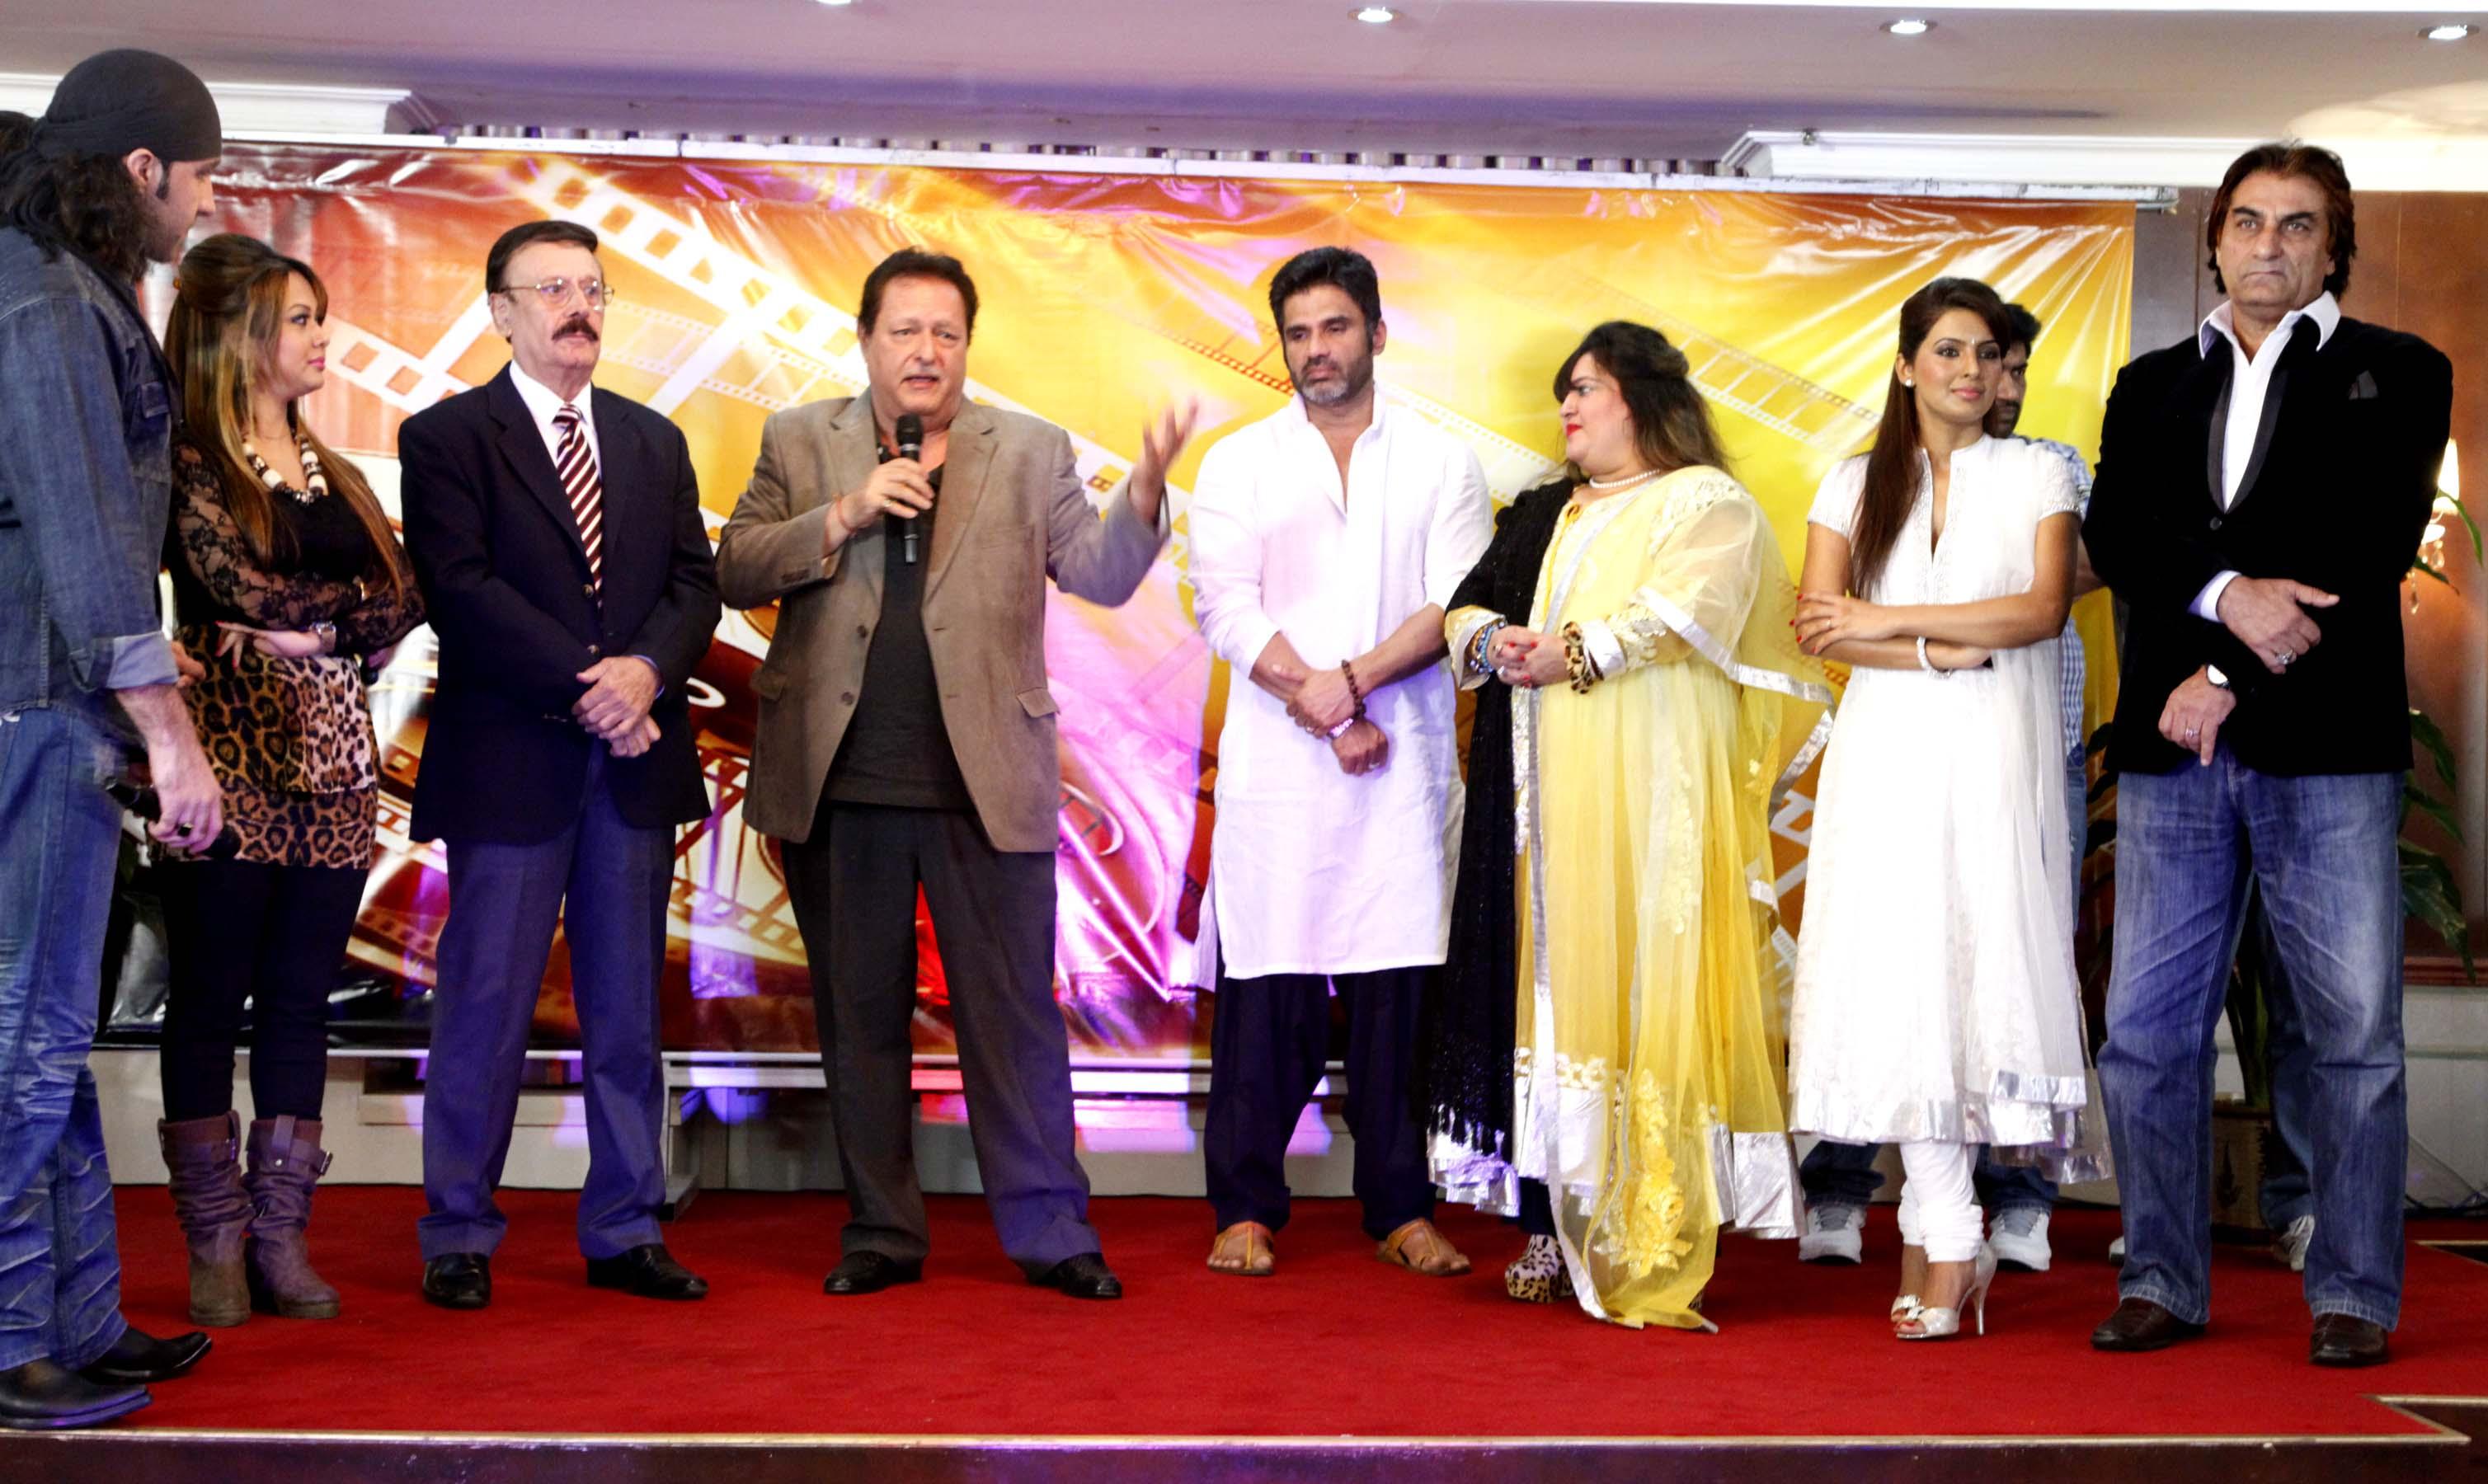 parikshit sahni,sunil shetty,dolly bindra,geeta basra & ali khan